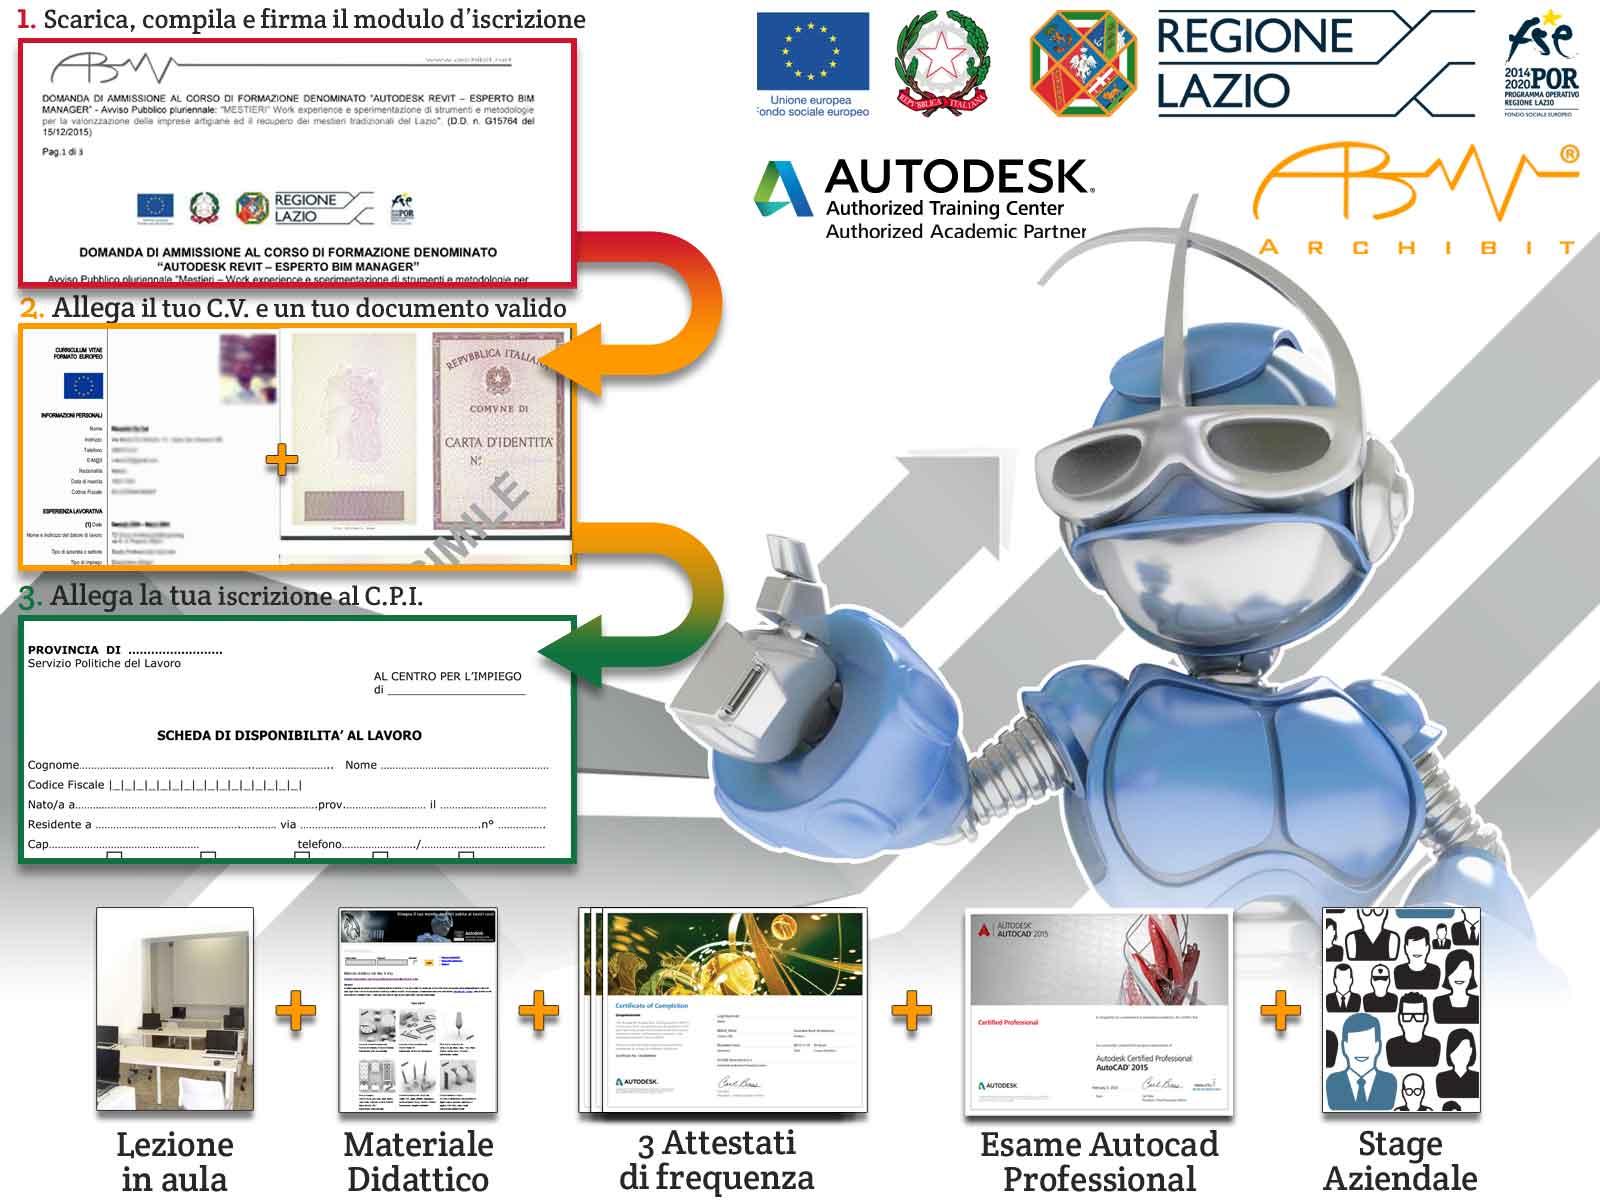 2-bando-mestieri-corso-gratuitoBim-Manager-Esperto-Revit-Architecture-regione-lazio-certificazioni-autodesk-professional-cad-revit-3ds-max-archibit-corsi-roma